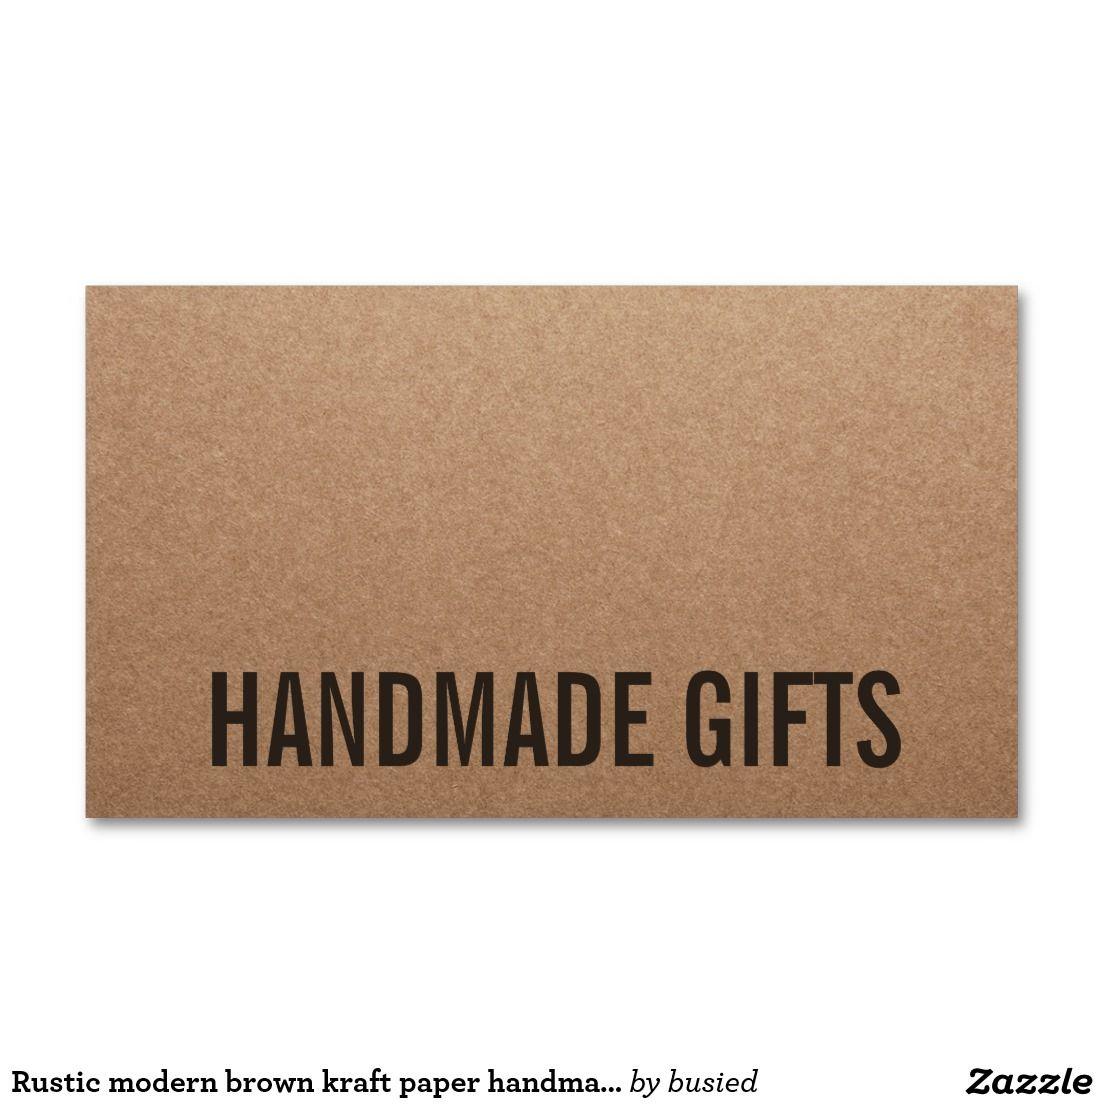 Rustic modern brown kraft paper handmade cardboard Double-Sided ...